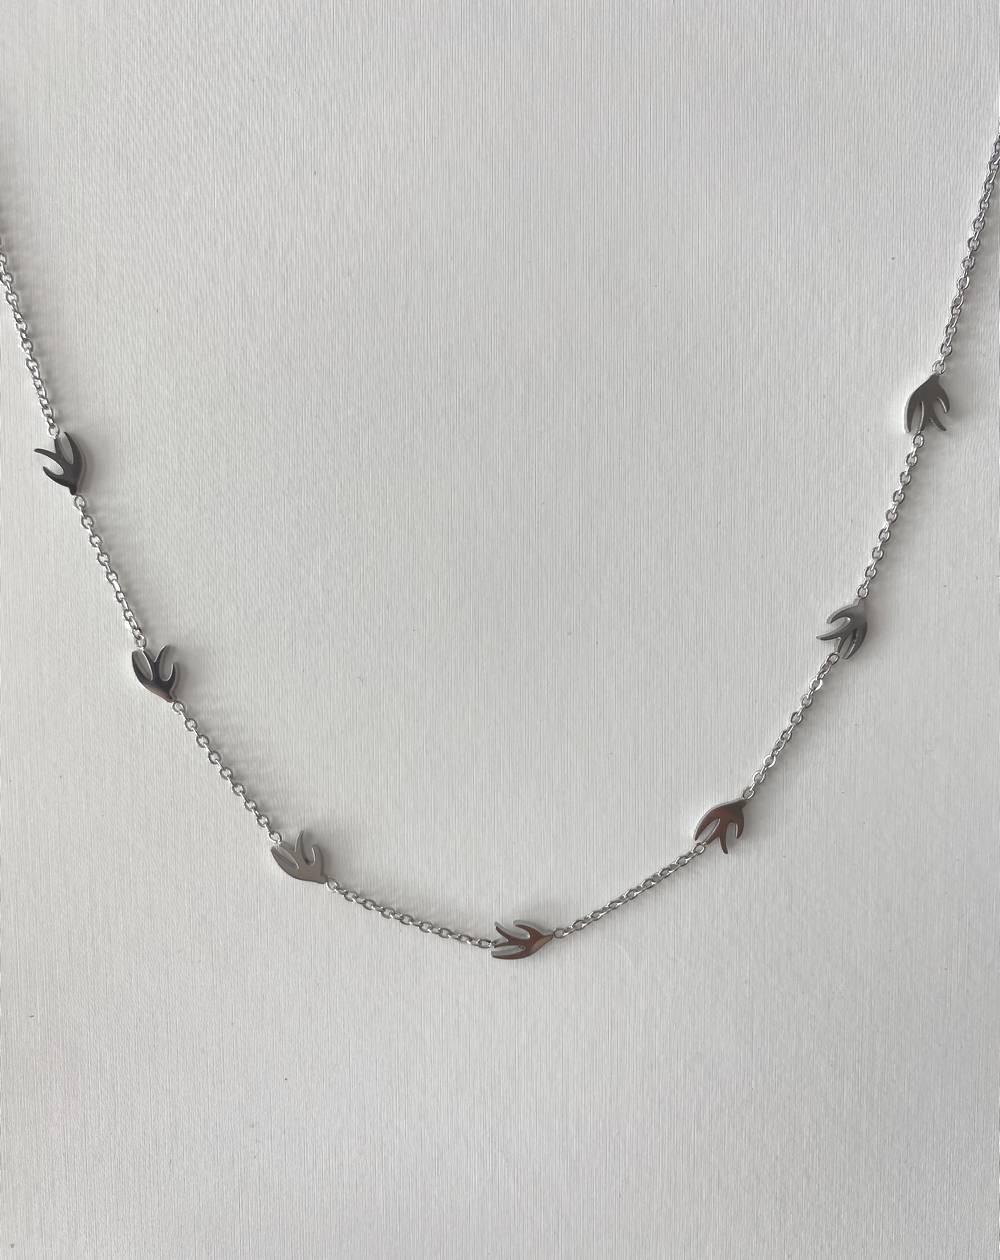 Collier chaîne aux hirondelles argentées en acier inoxydable